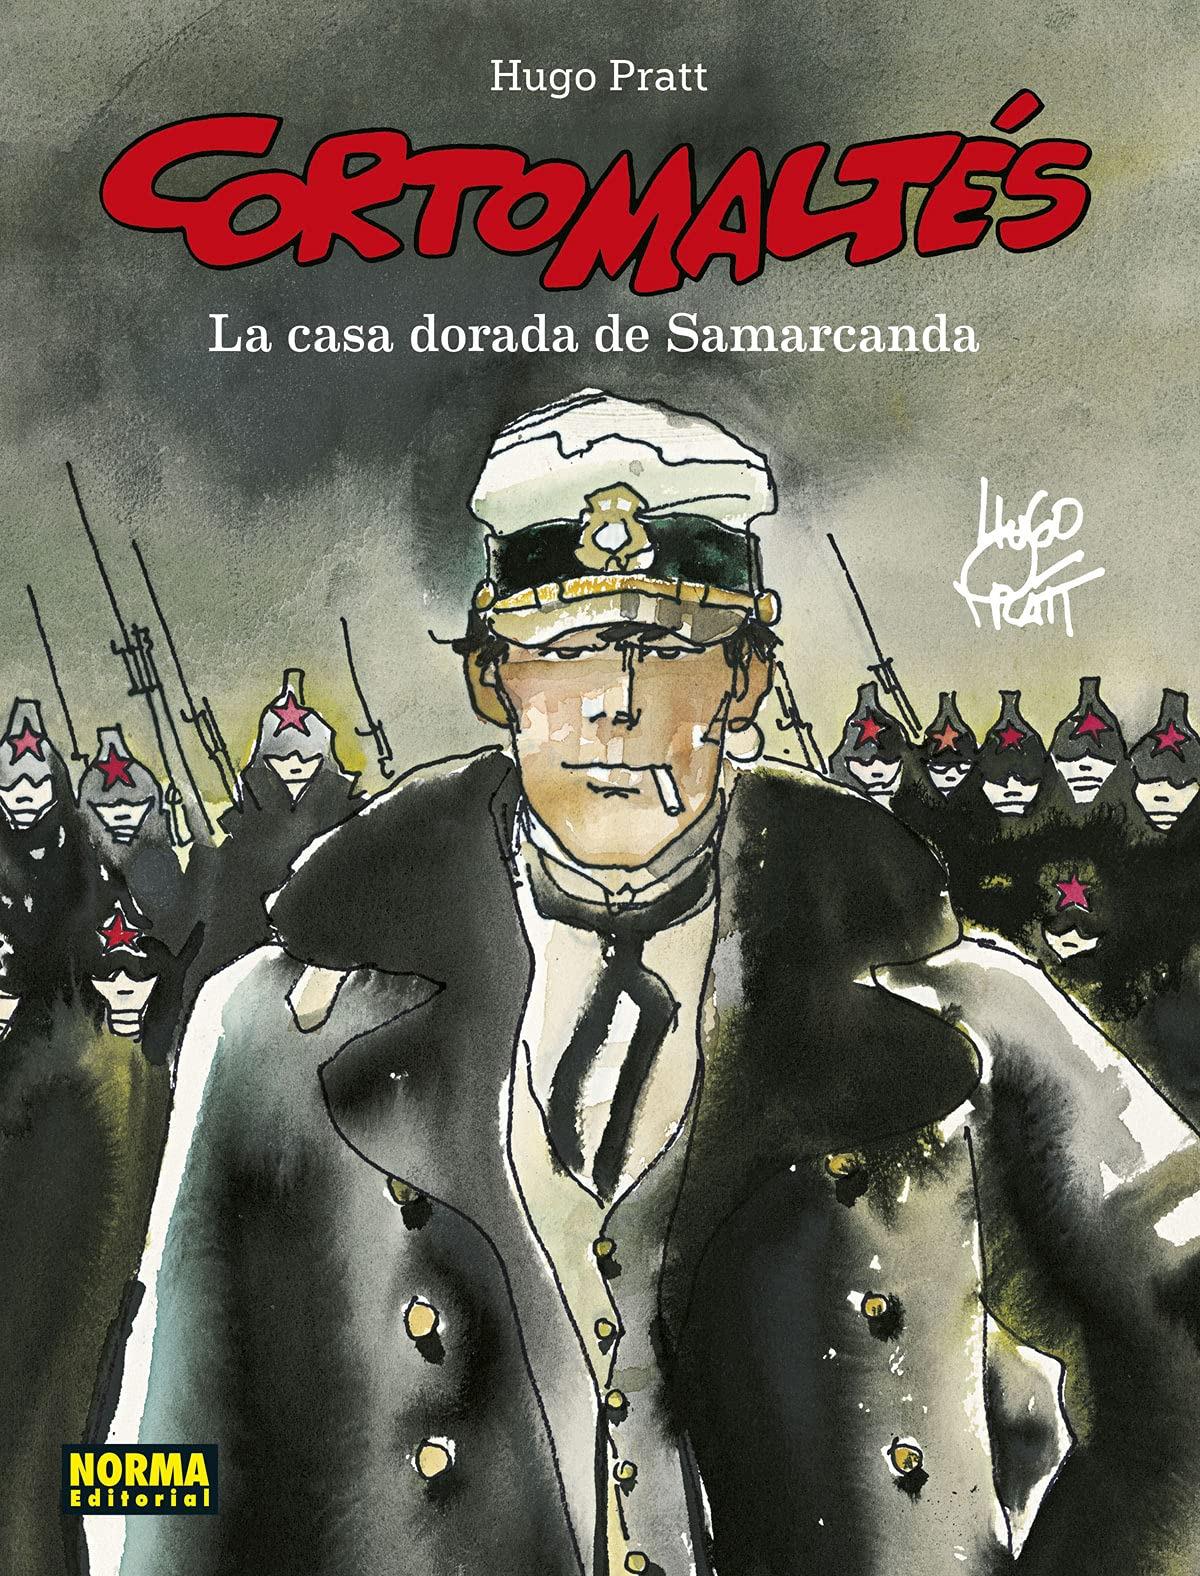 CORTO MALTES. LA CASA DORADA DE SAMARCANDA. ED COLOR